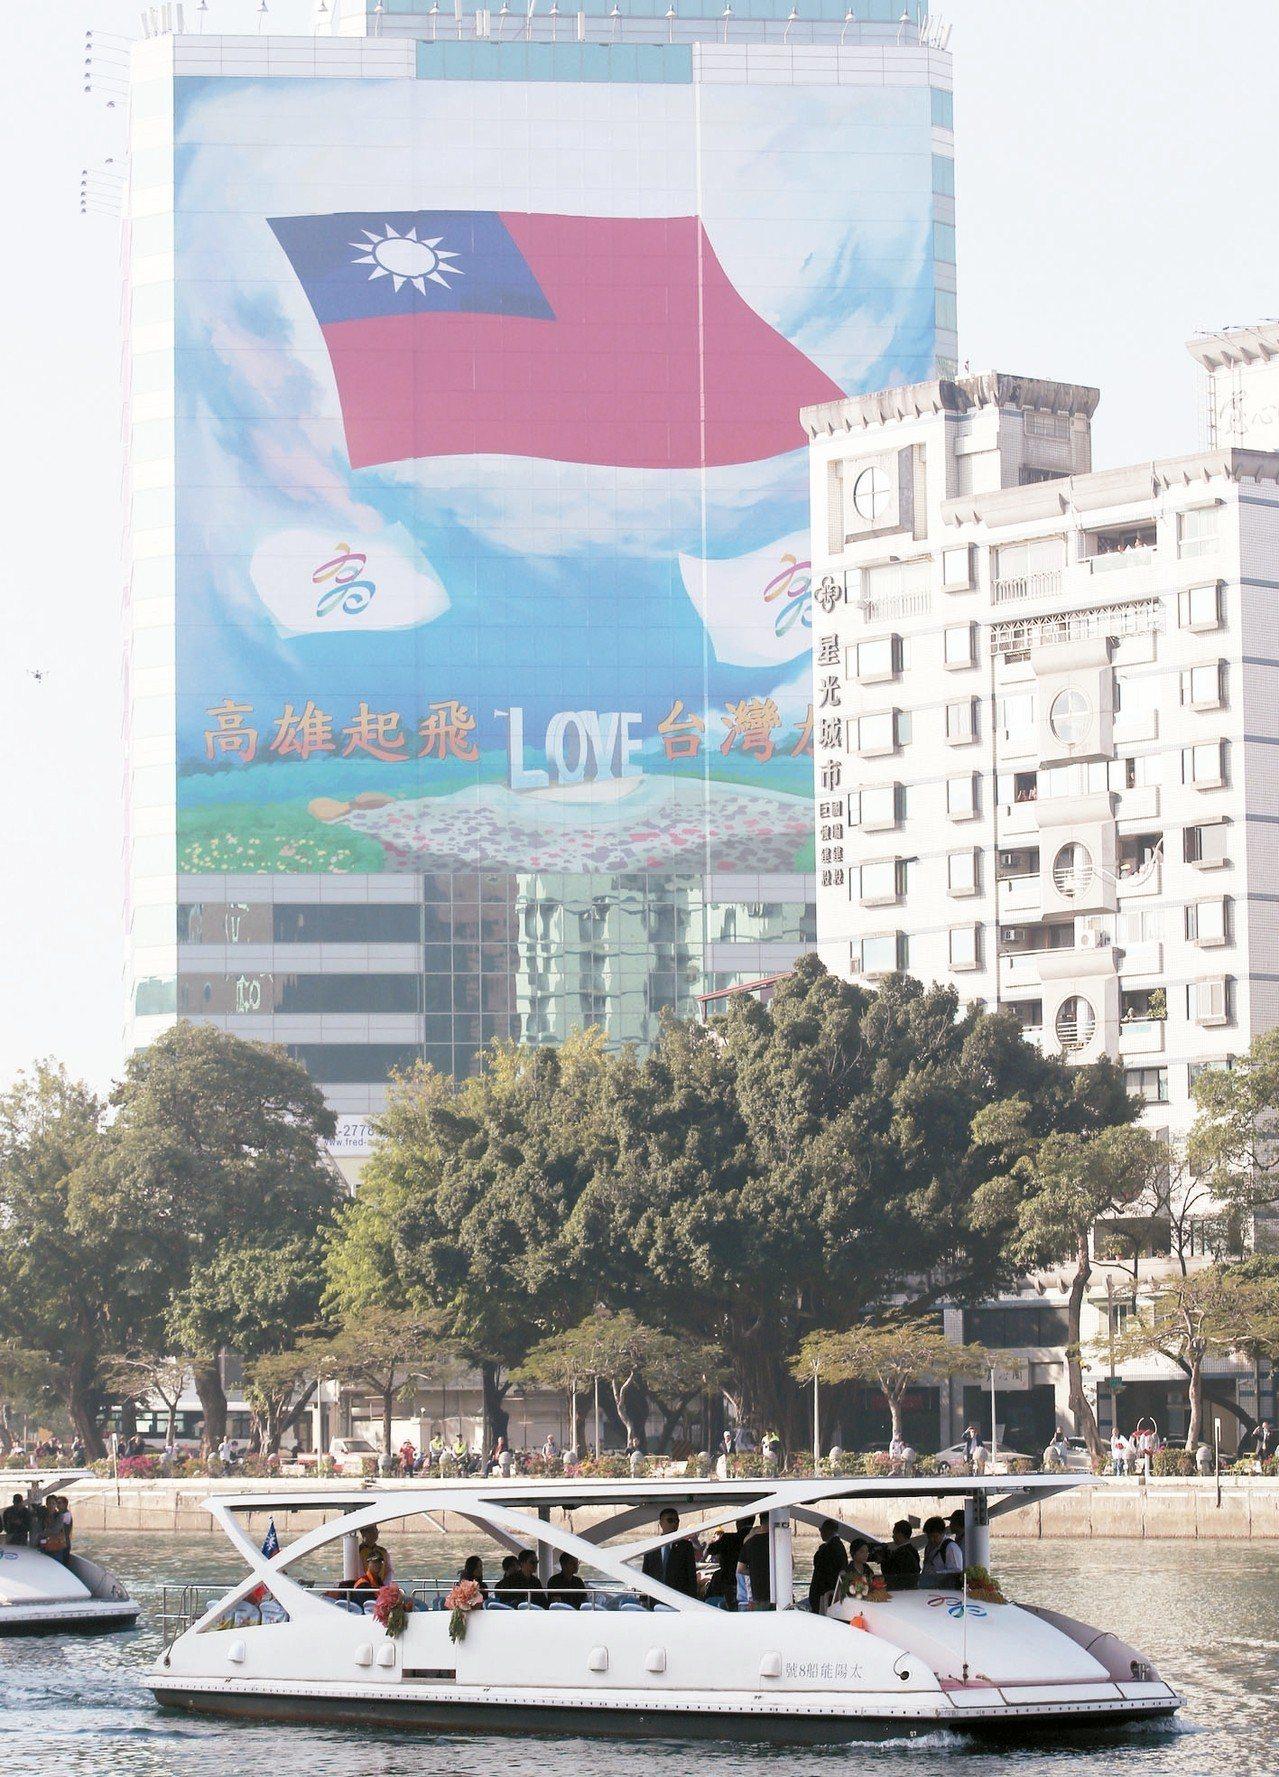 高雄市長就職典禮在愛河舉行,新任市長韓國瑜搭船進場向民眾揮手。河畔高樓有民眾掛出...